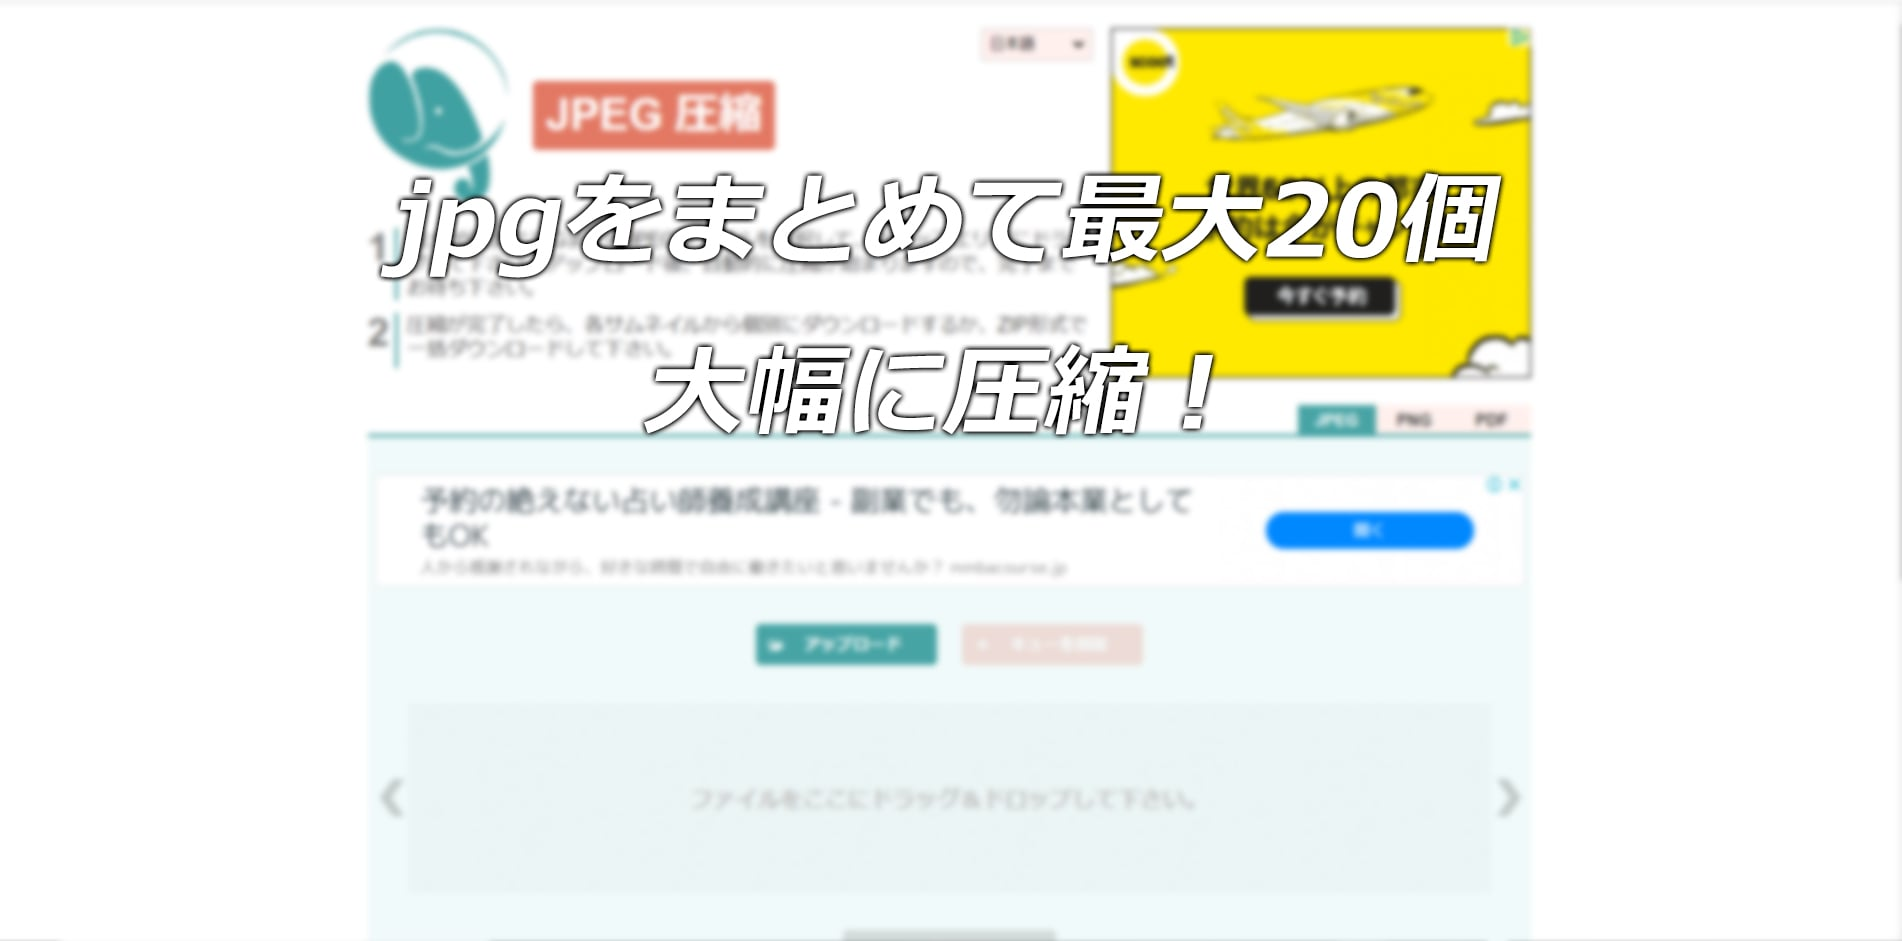 jpgをカンタンきれいに高圧縮するオンライン無料サービス